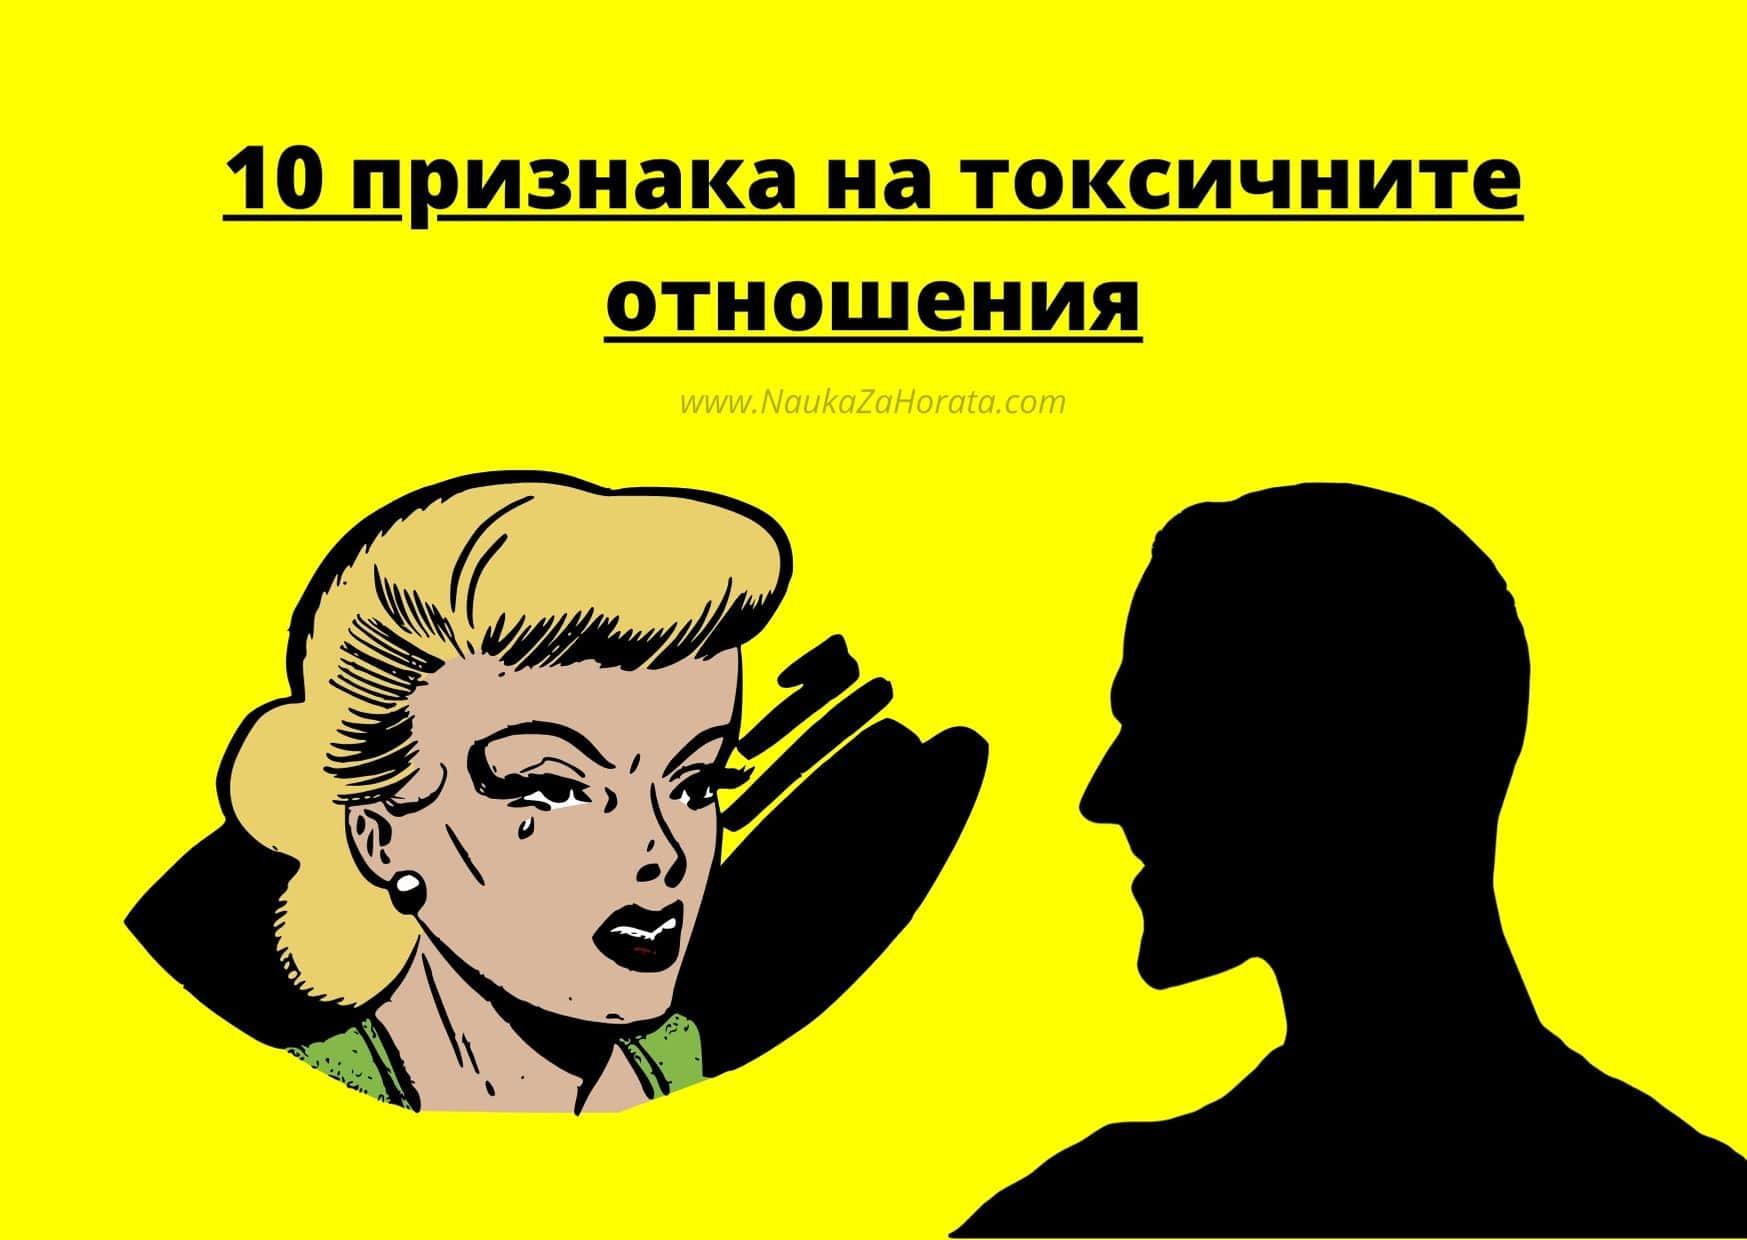 токсични отношения мъж и жена анимирани